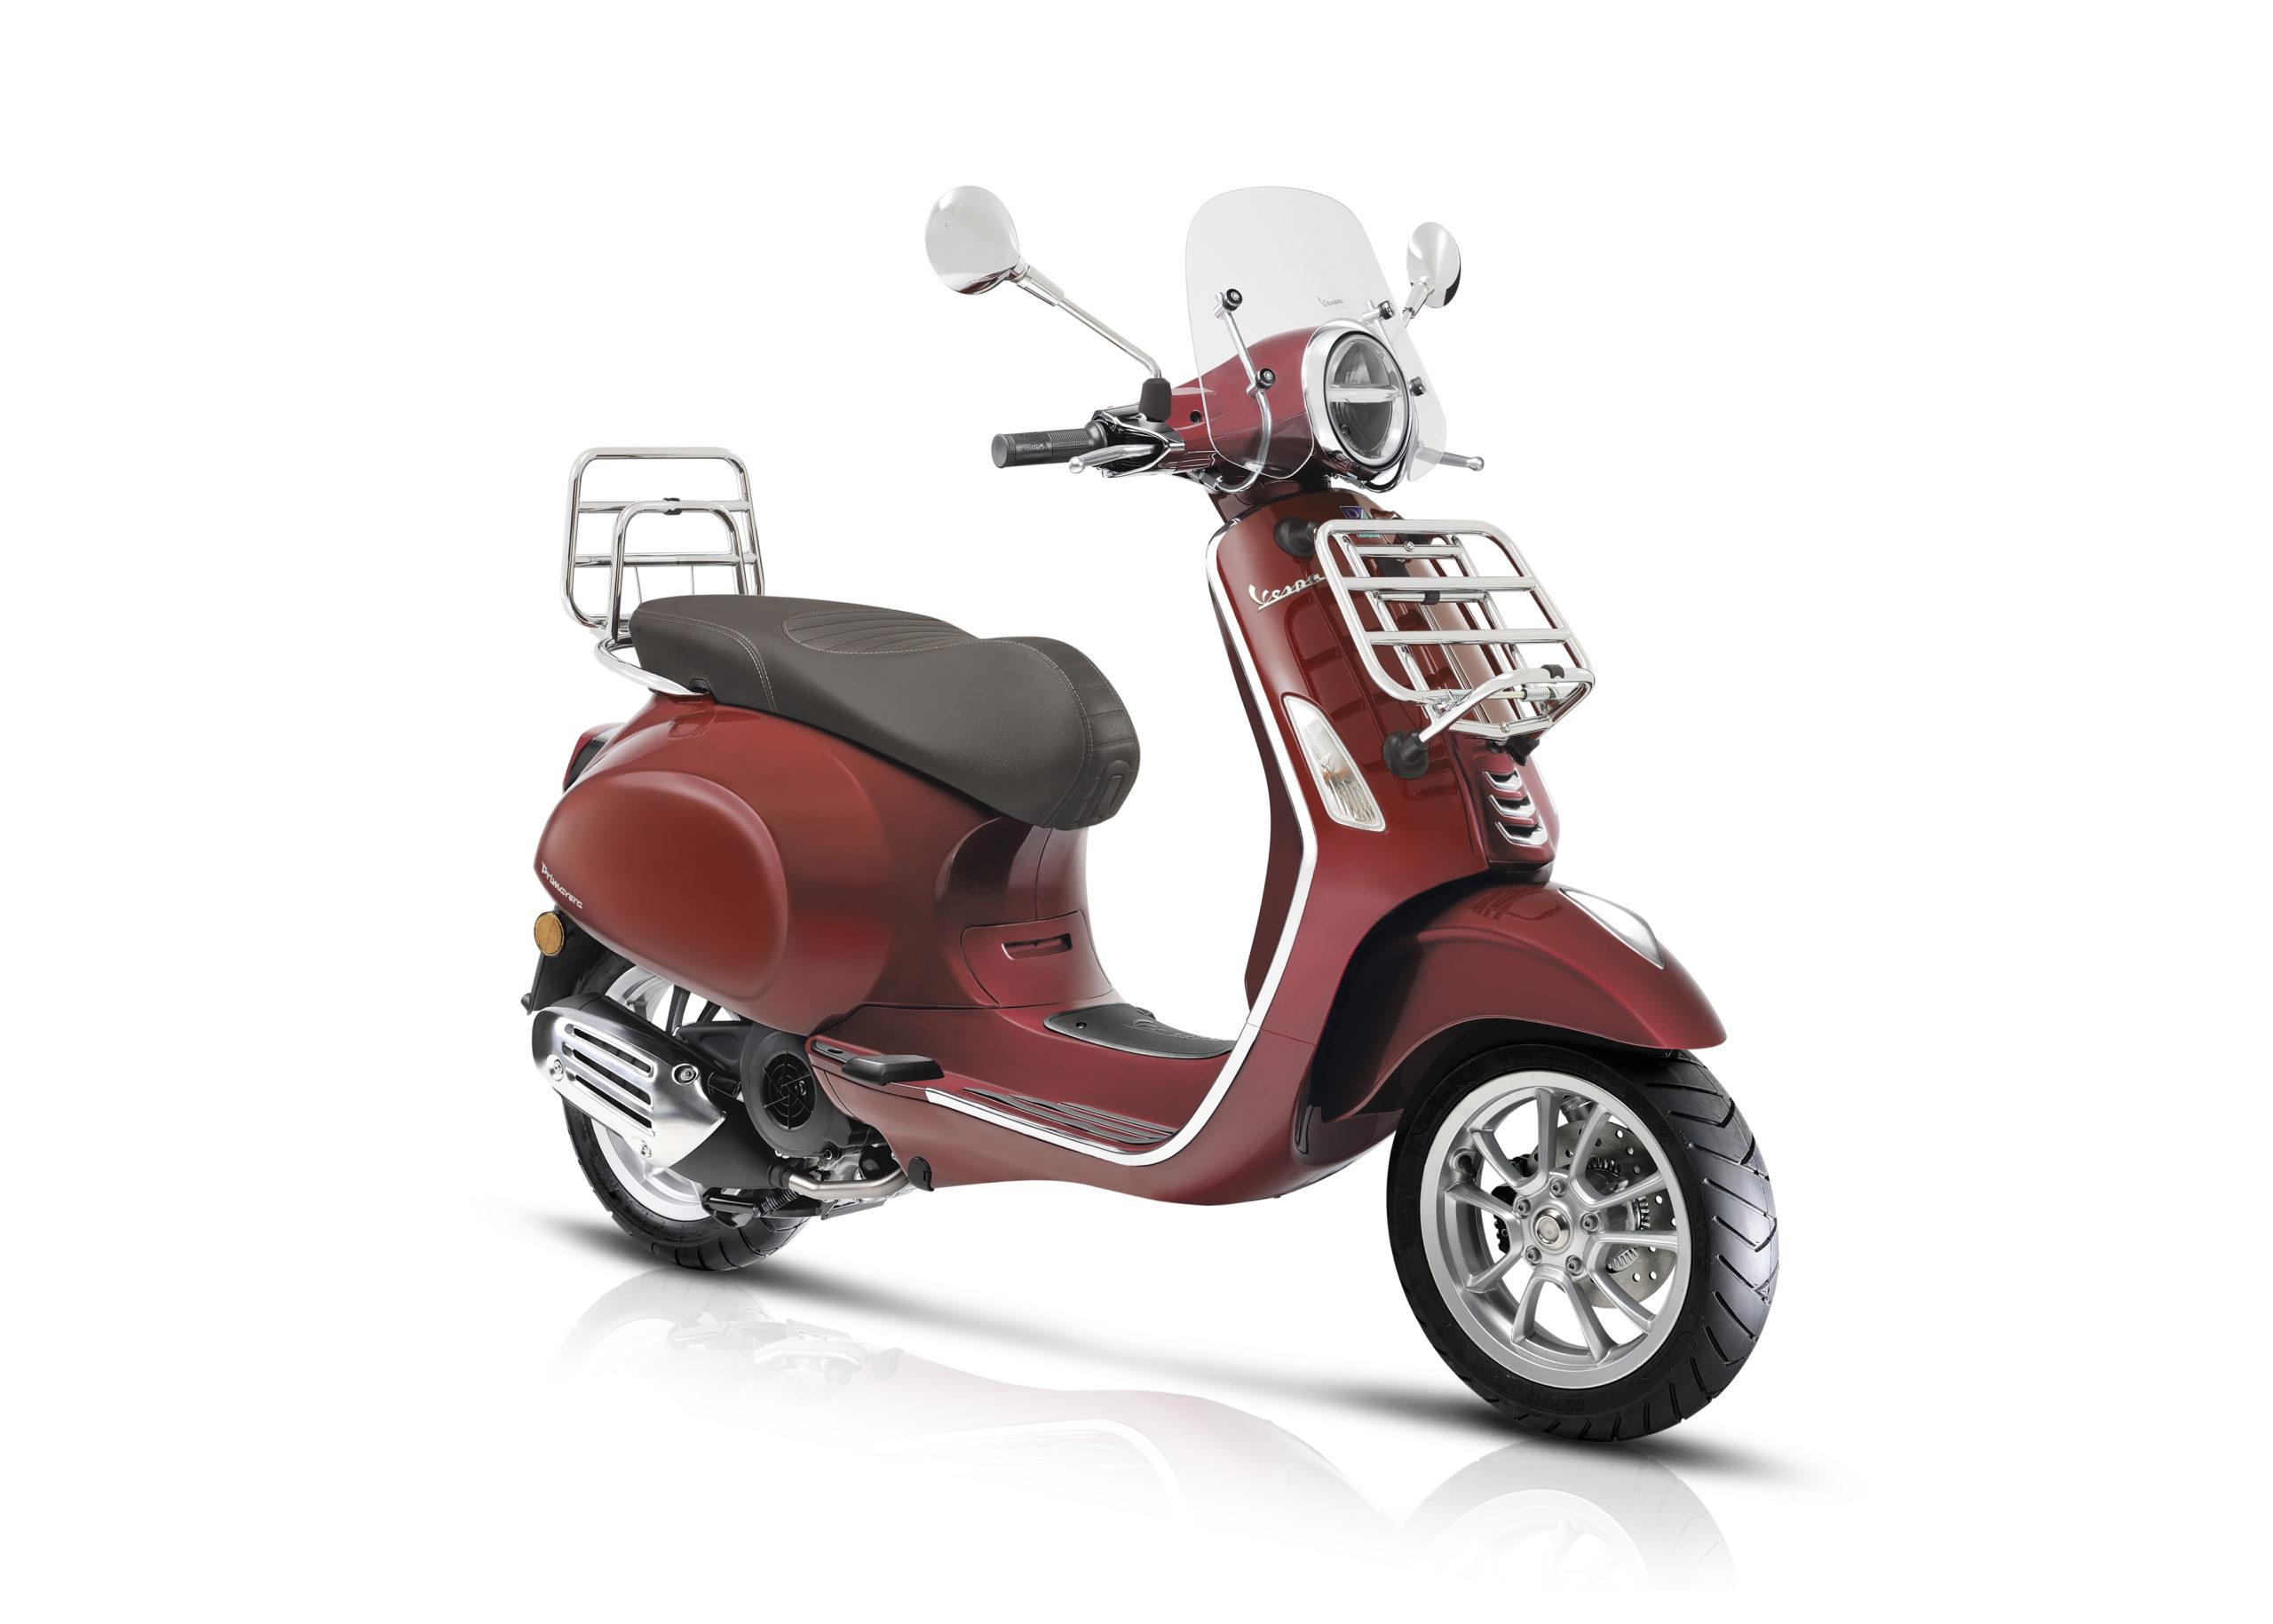 Vespa Primavera 125 Touring re 34 scaled